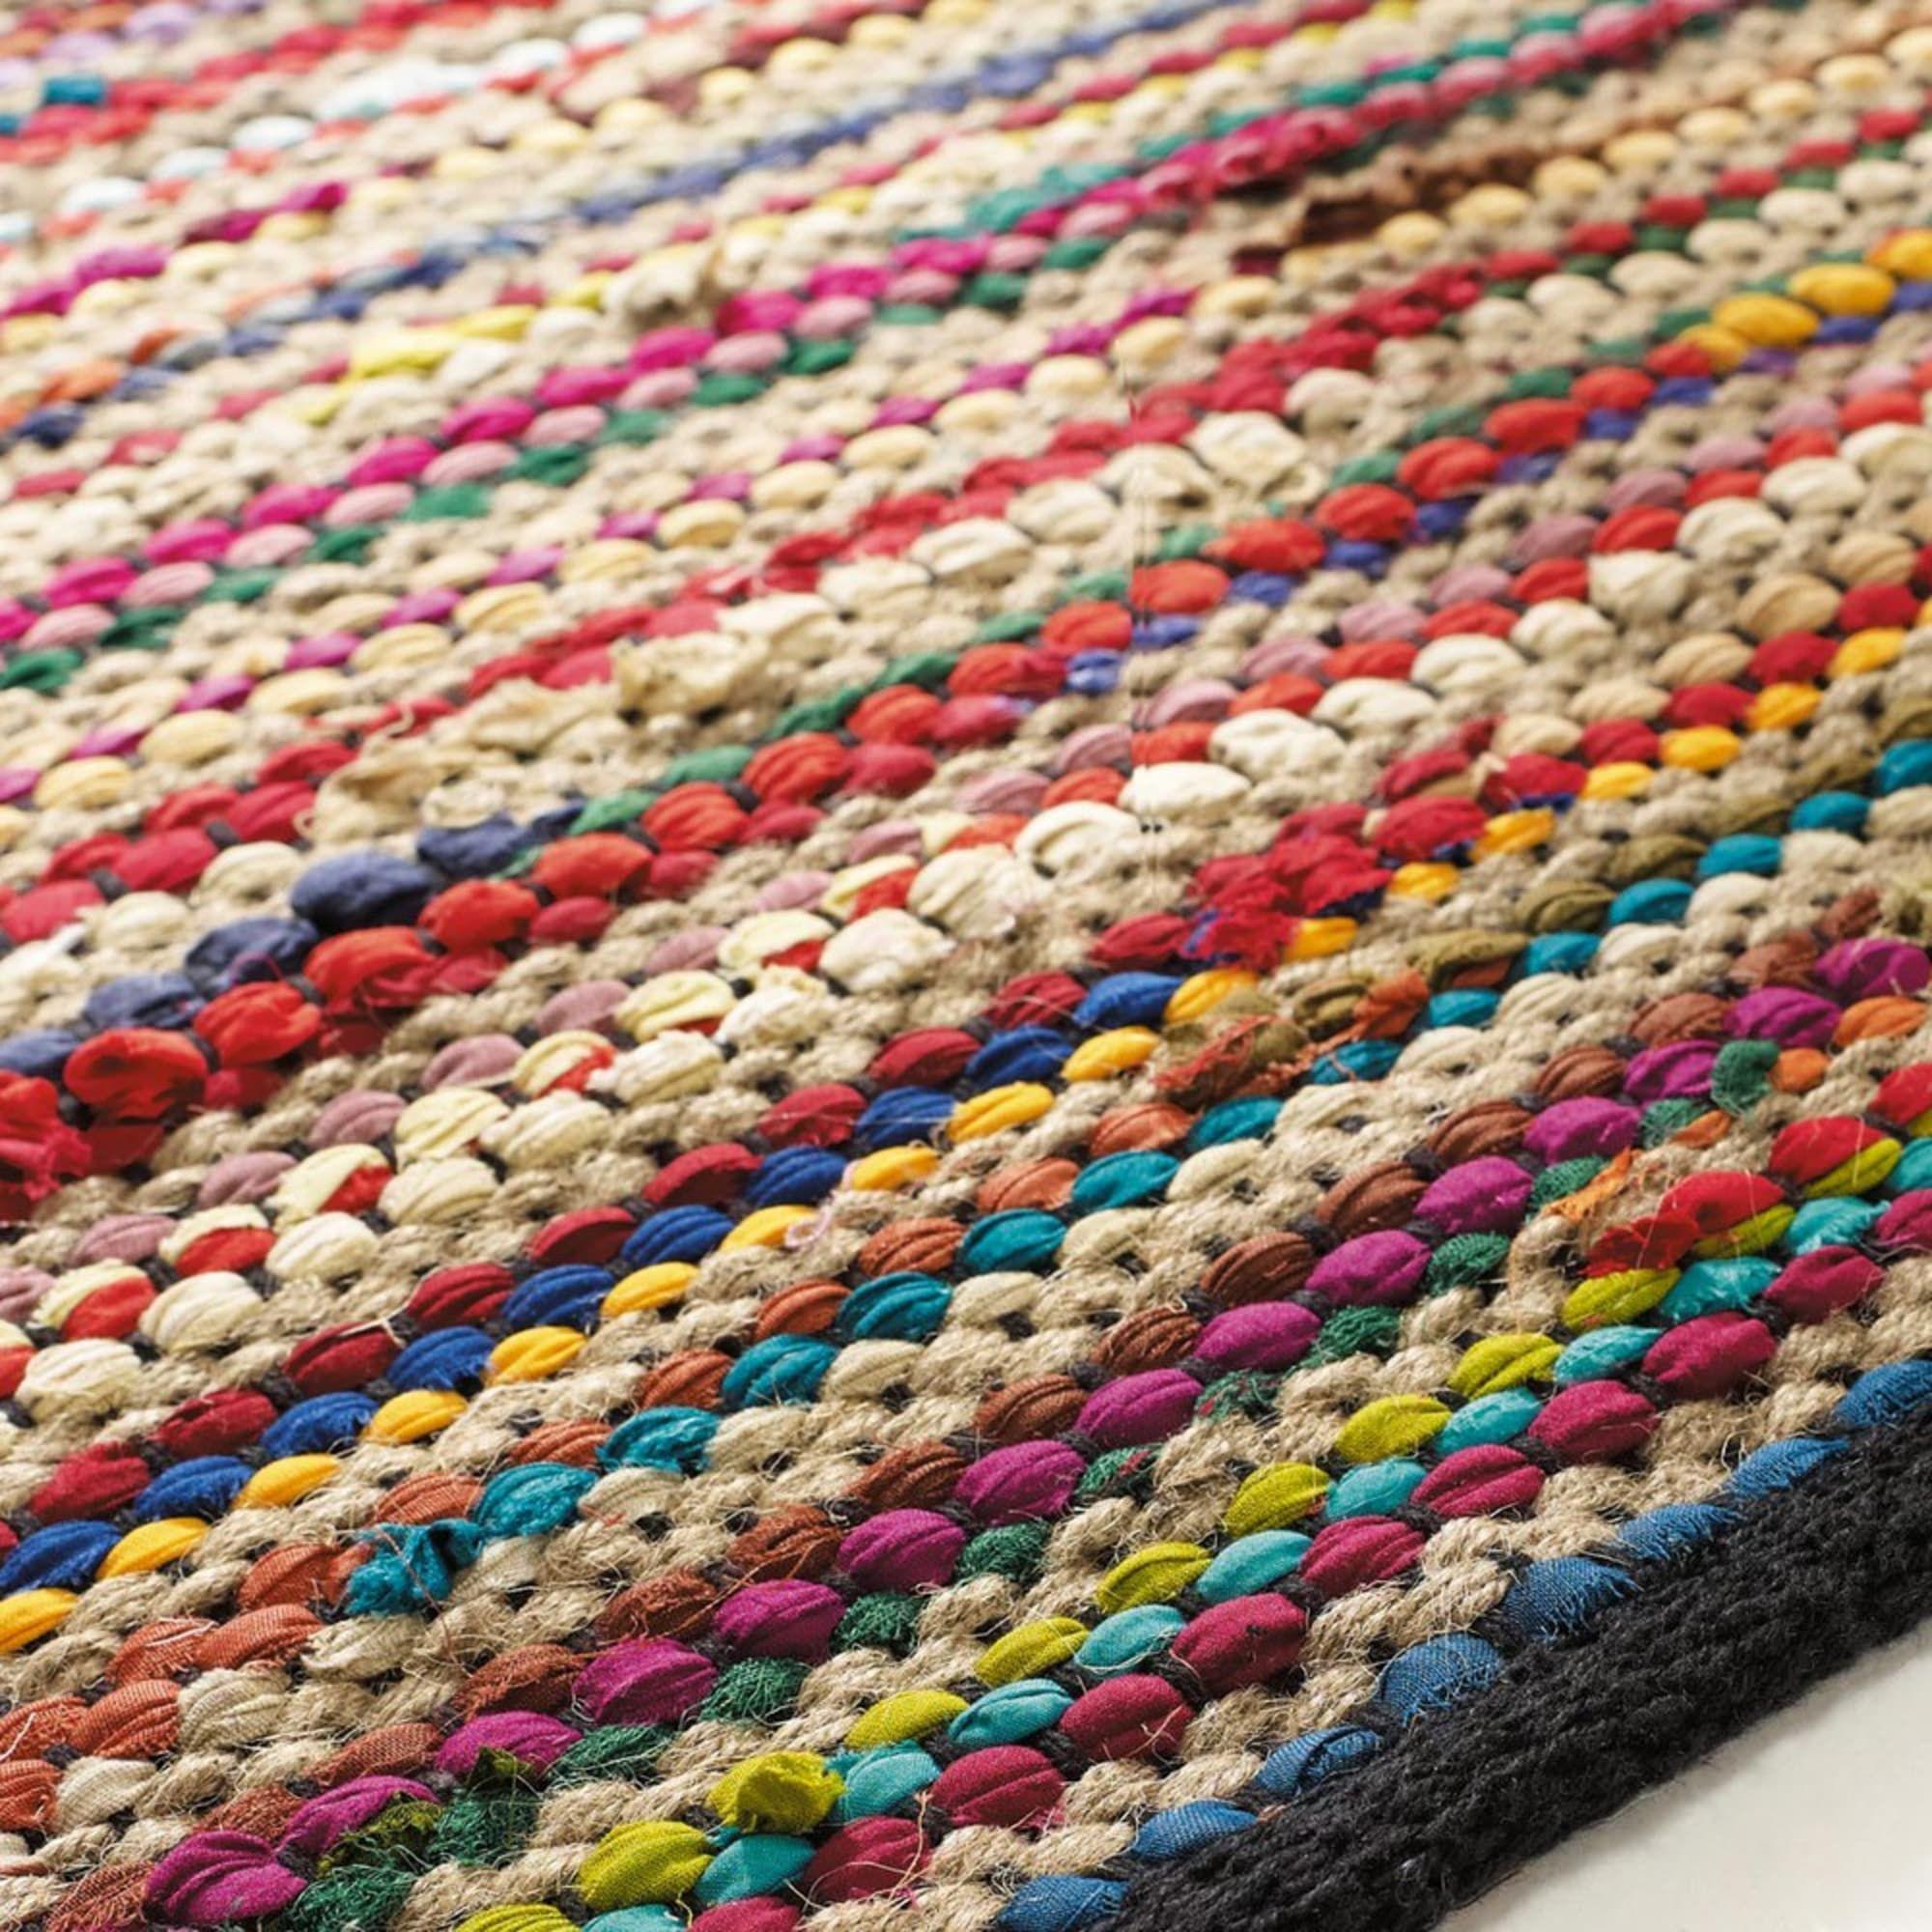 Tapis Tresse En Coton Multicolore 140 X 200 Cm Maisons Du Monde In 2020 Tapijt Woonkamertapijt Tapijt Kleuren